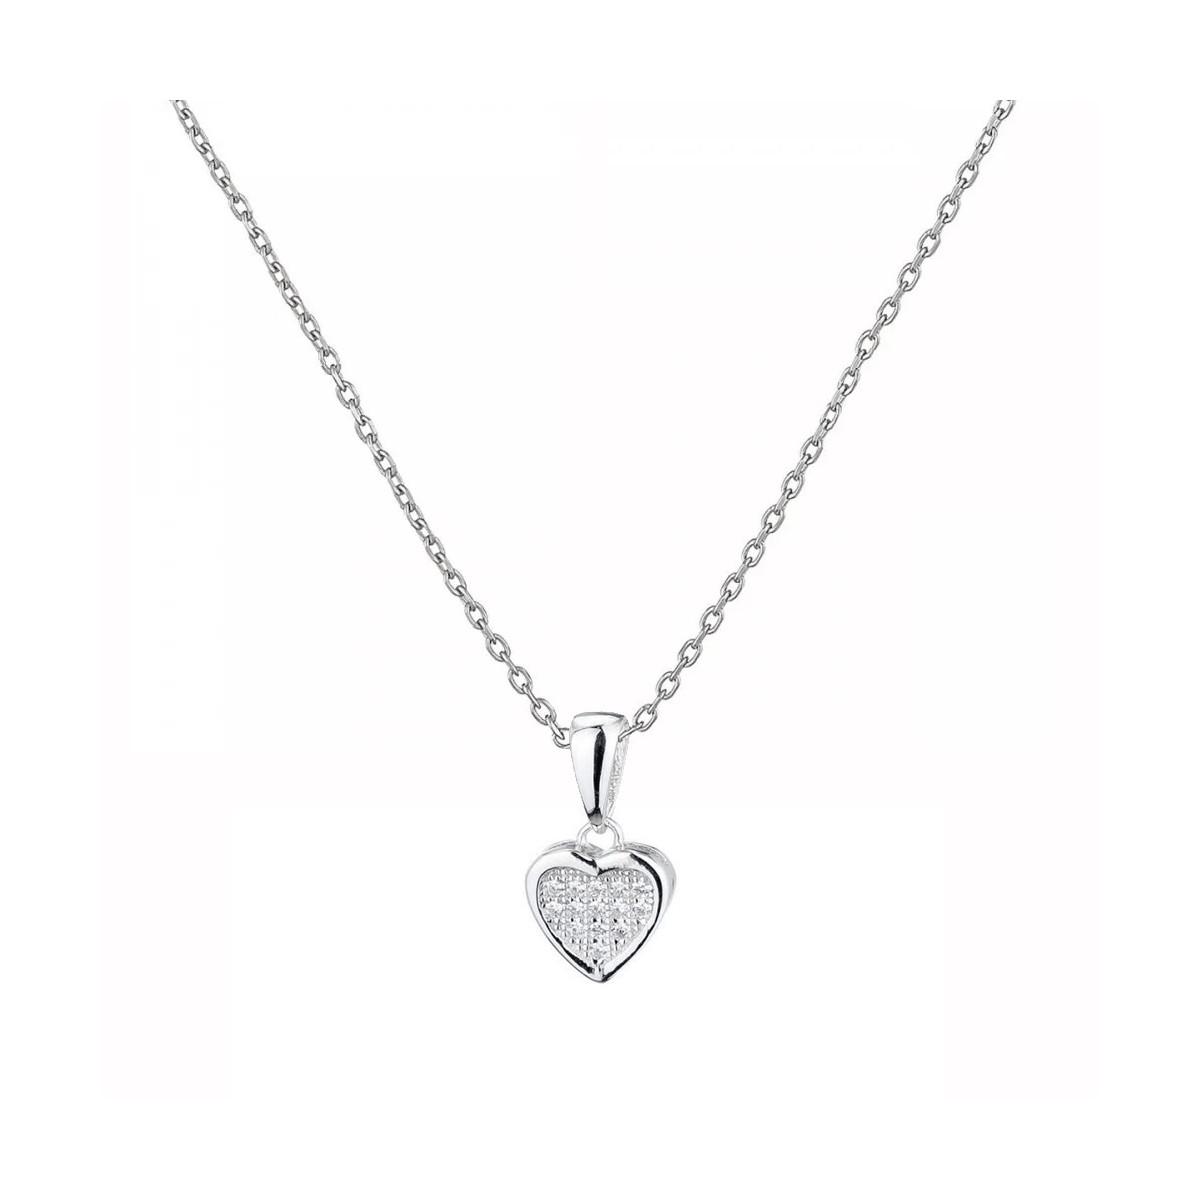 """Pendentif Argent et oxydes de zirconium """"Coeur Plein"""" + chaine argent offerte"""